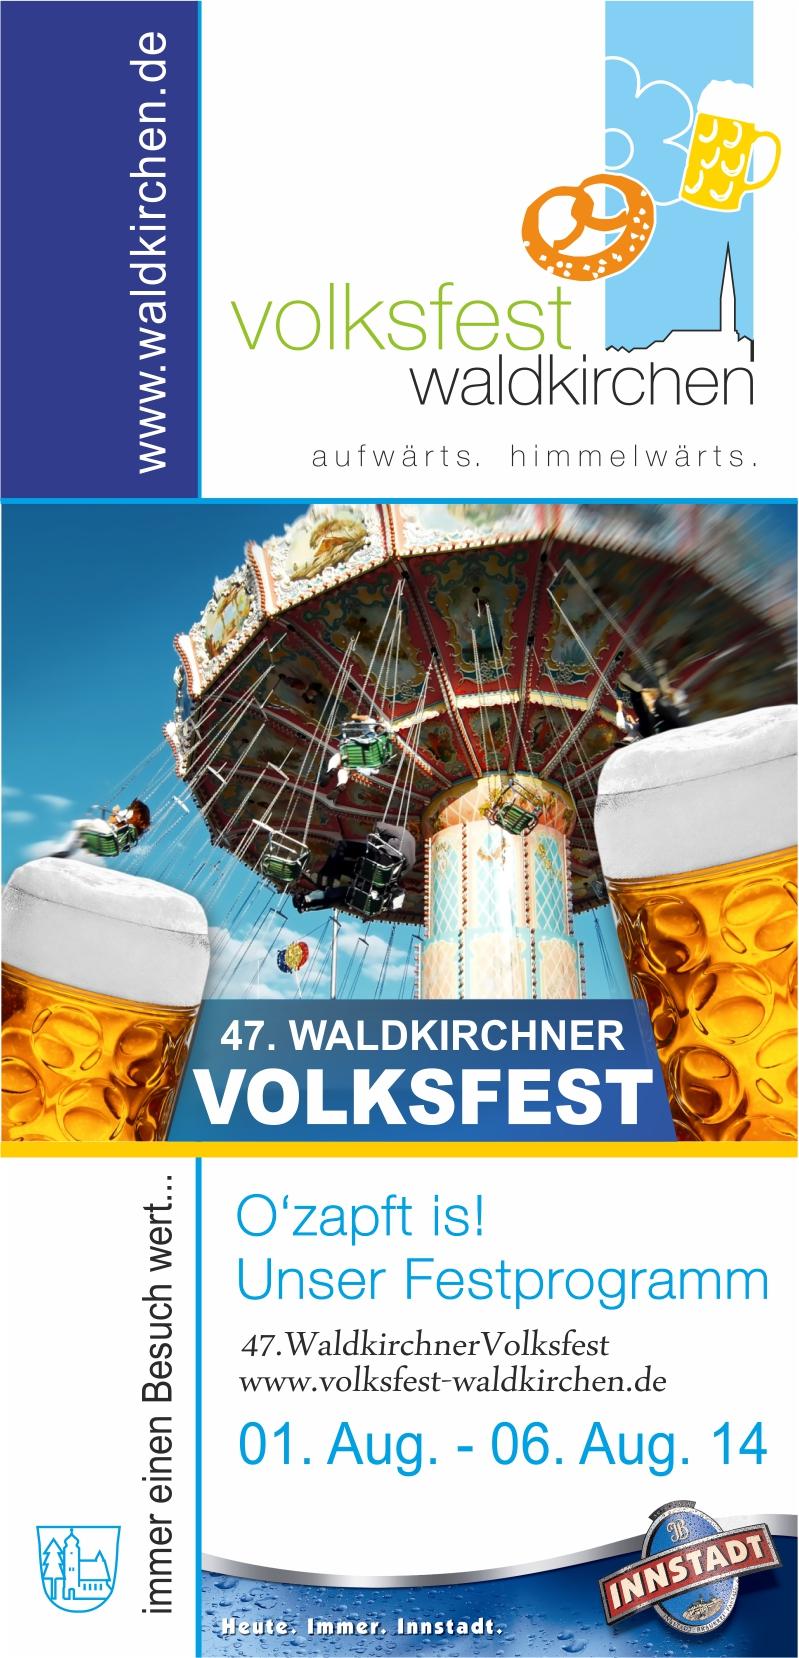 Volksfest-Waldkirchen